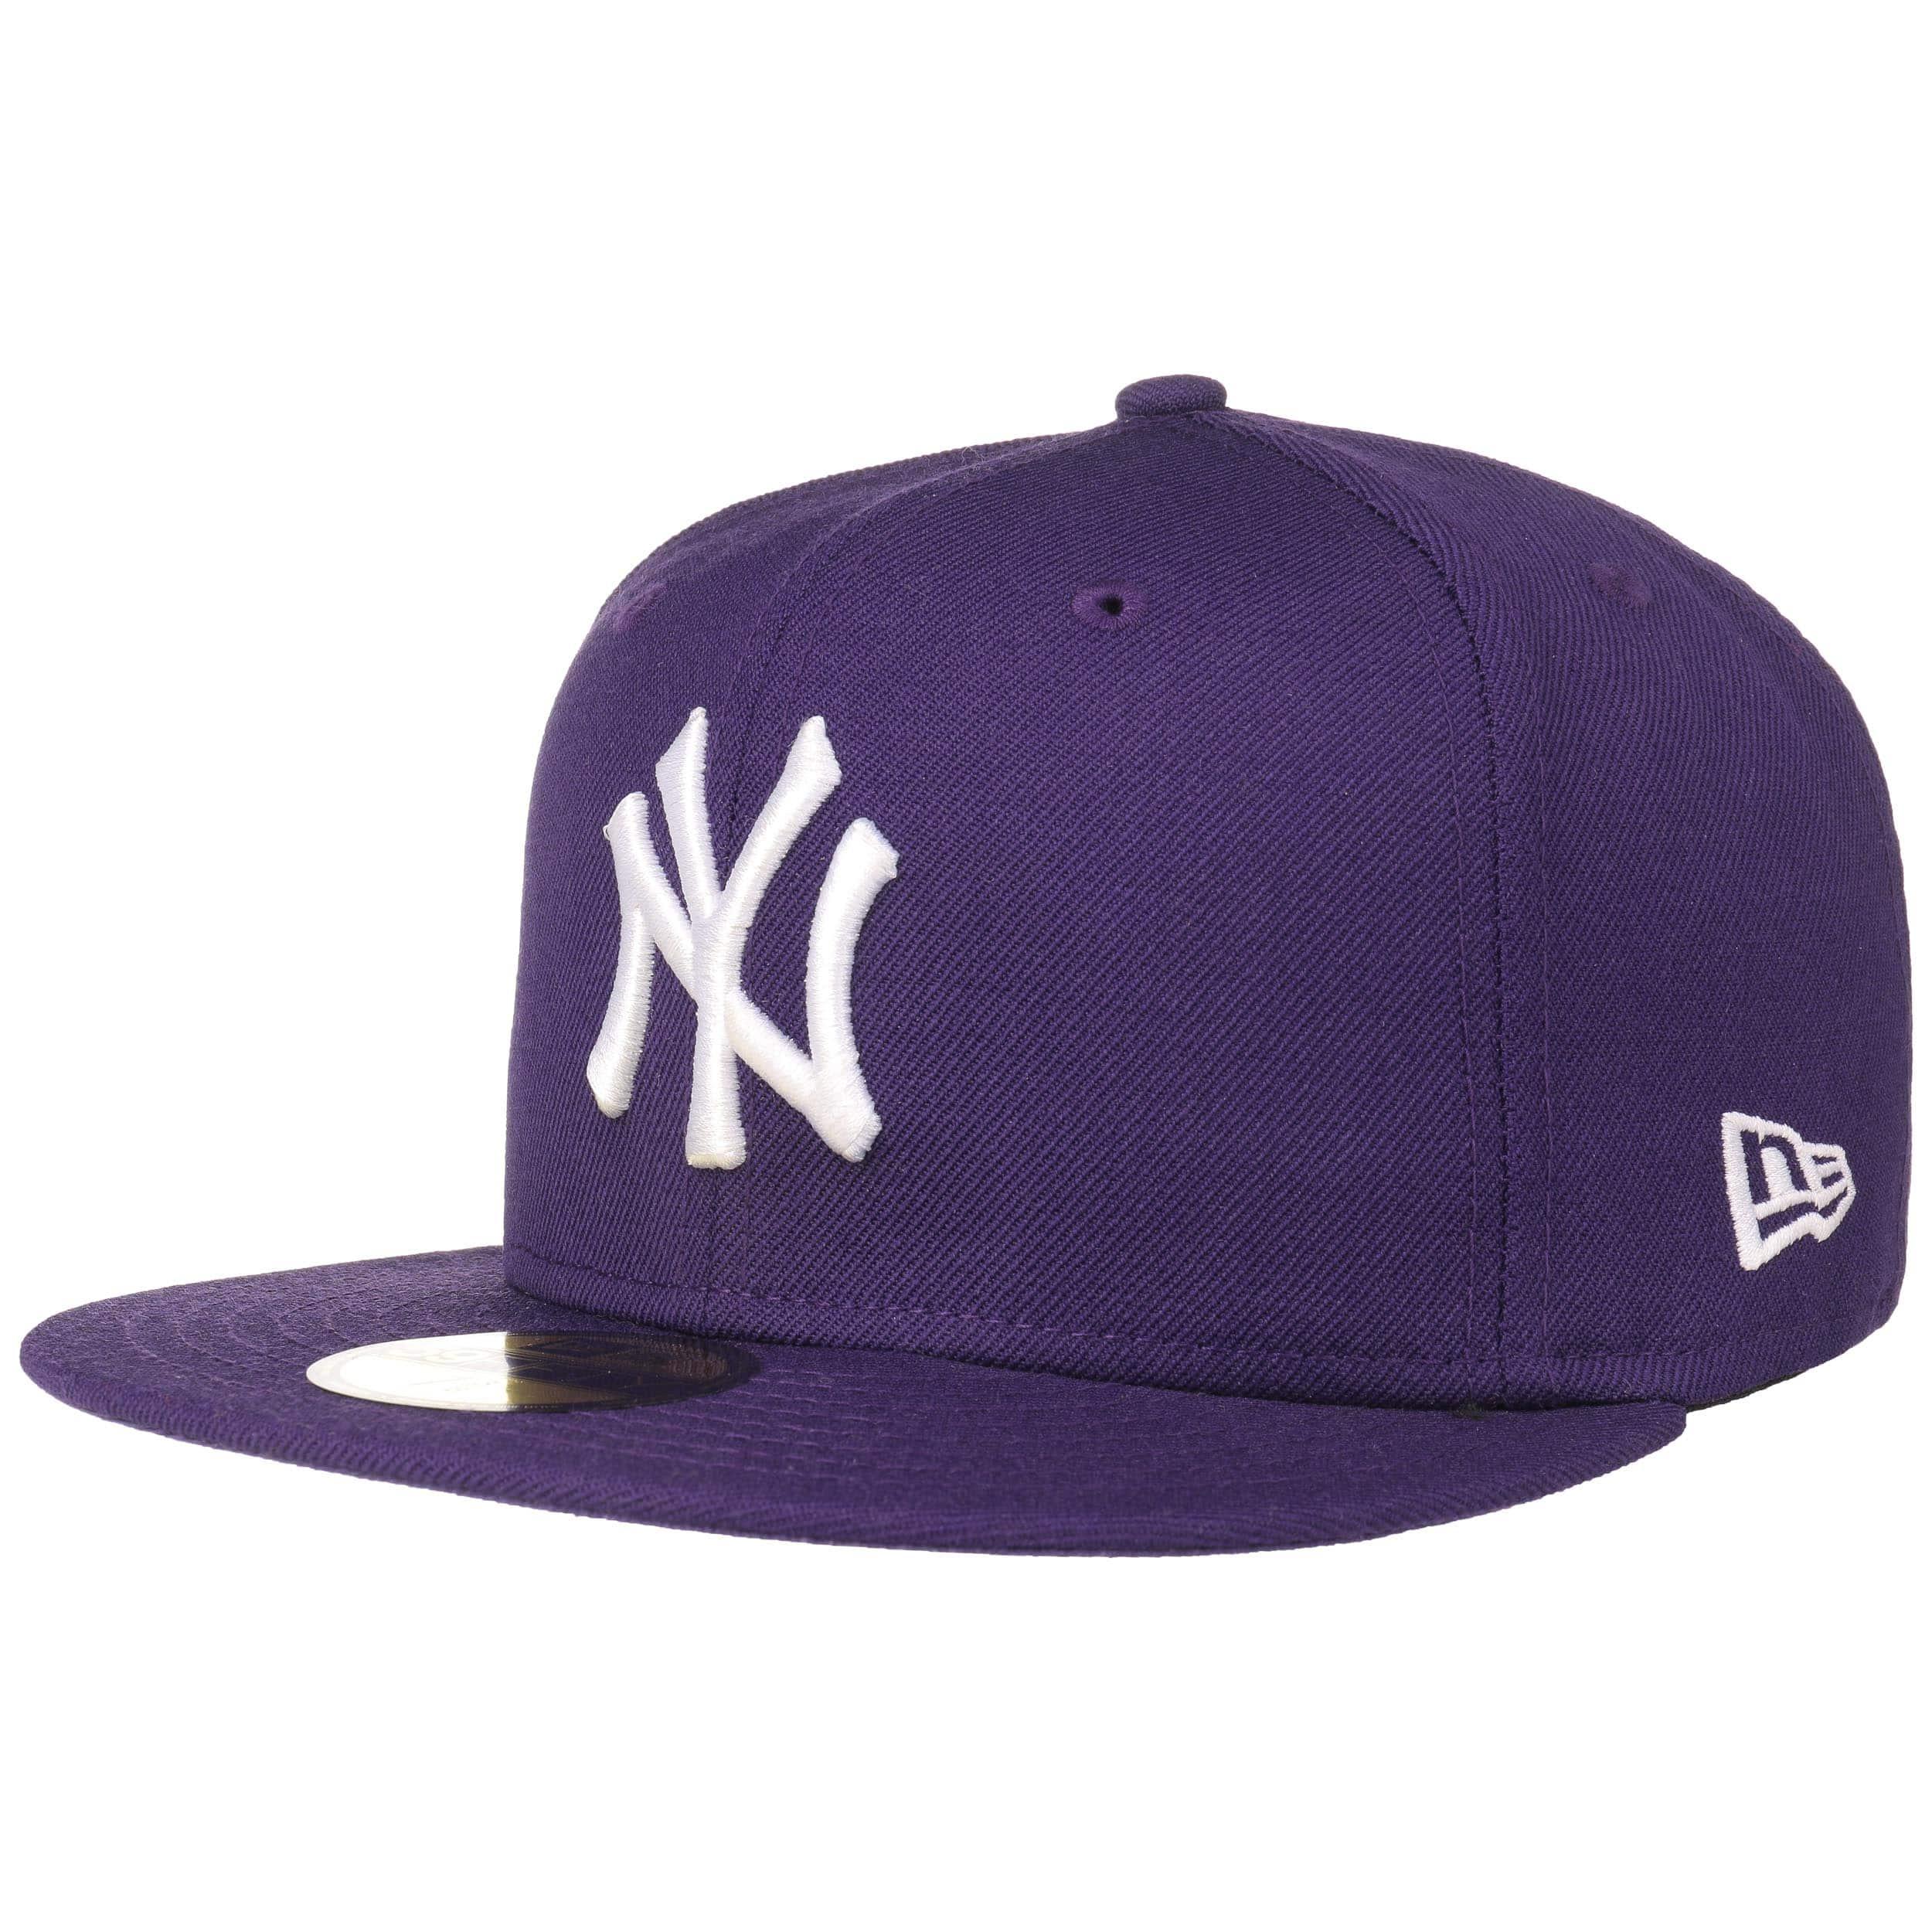 9bd1f5d69 59Fifty MLB Basic NY Cap by New Era